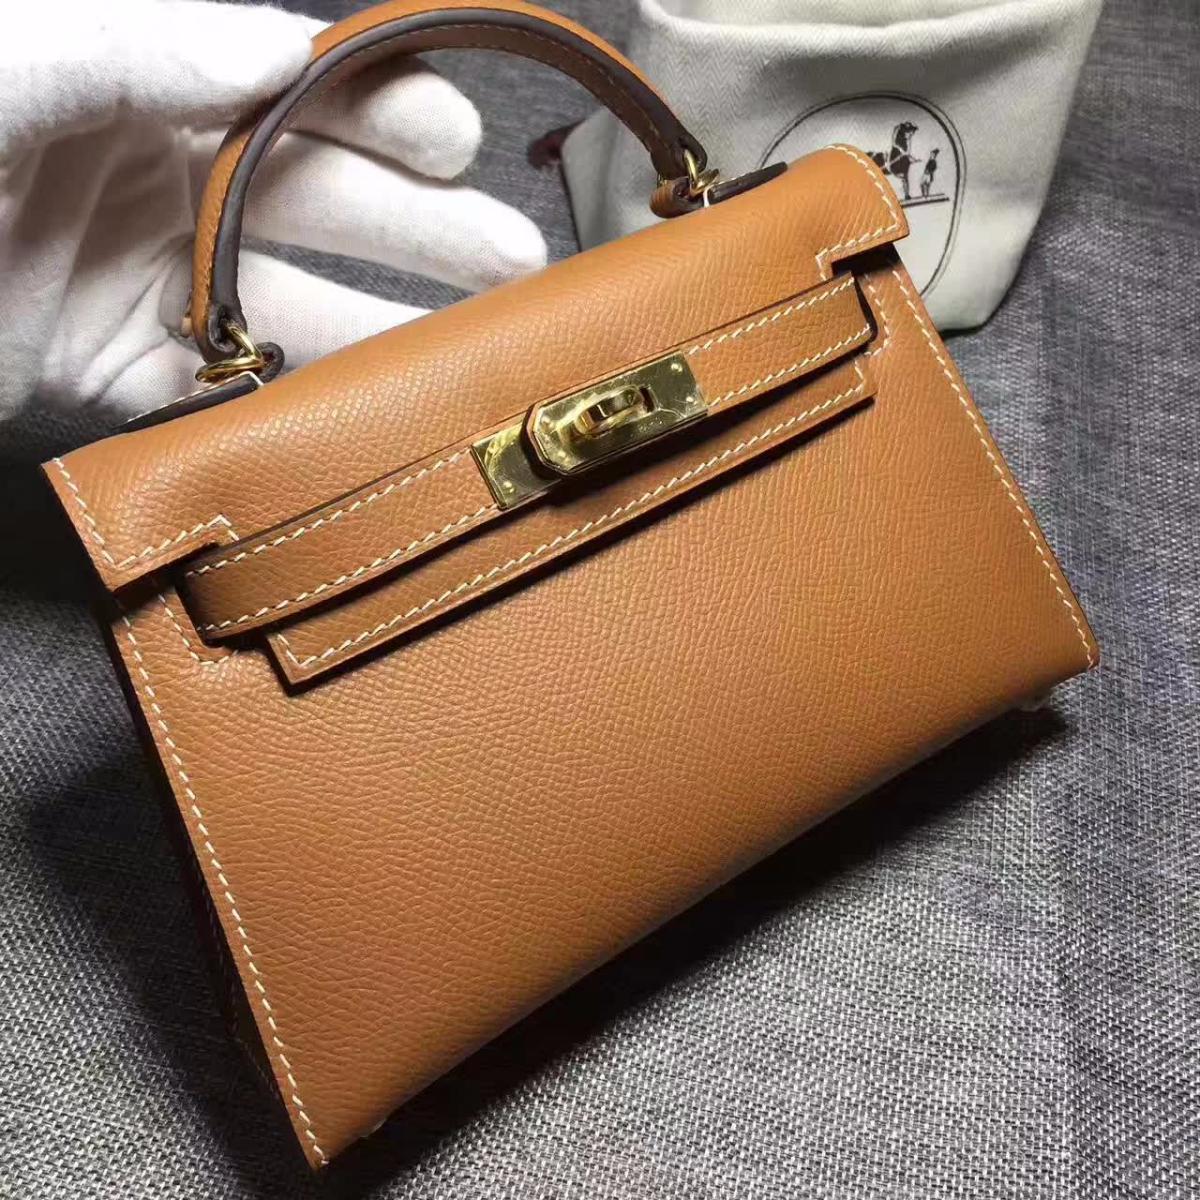 Hermes Mini Bag hhem577_0